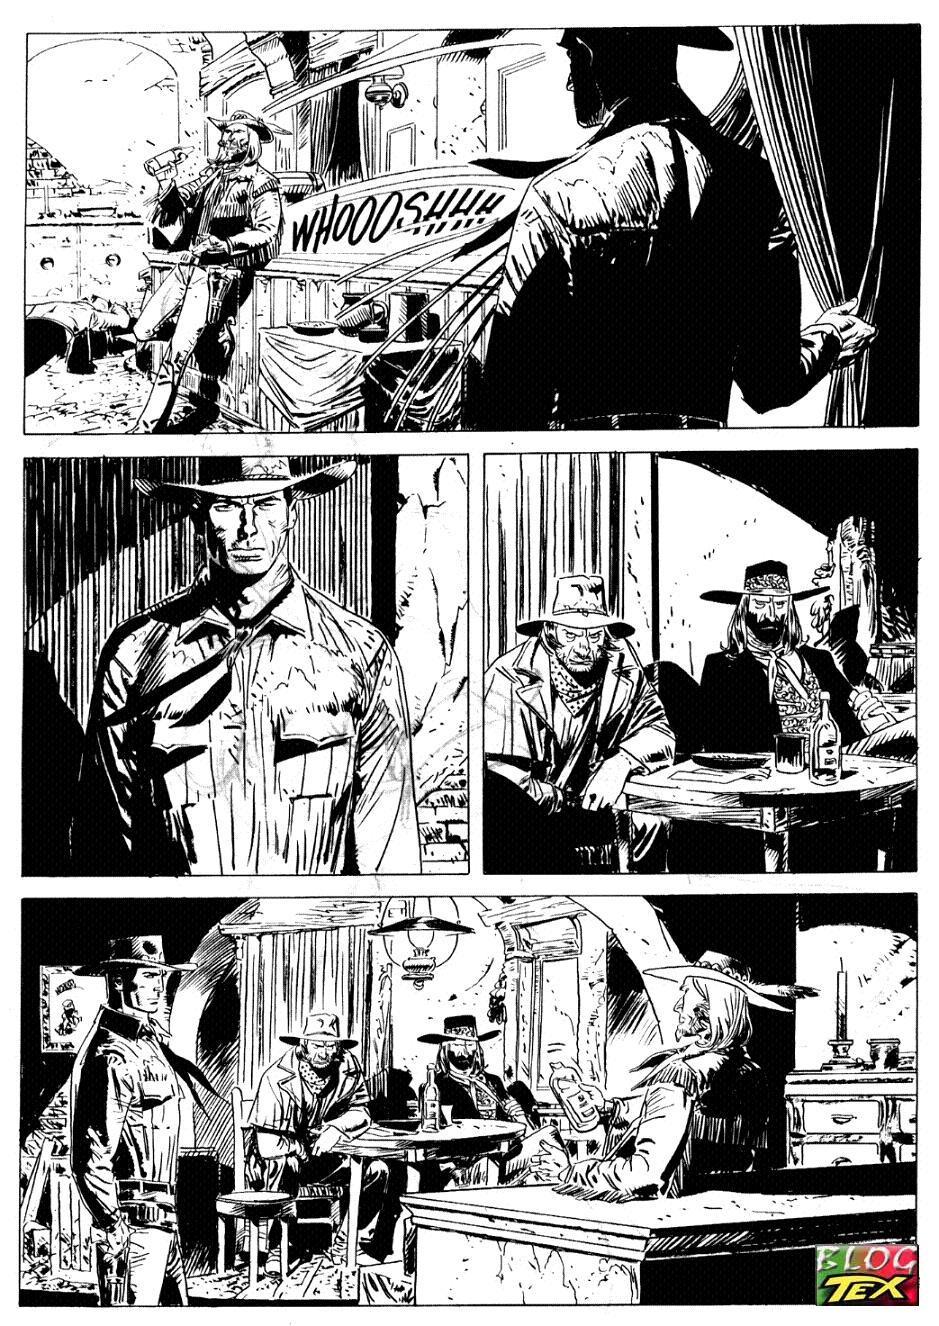 Página inédita de Tex - 2